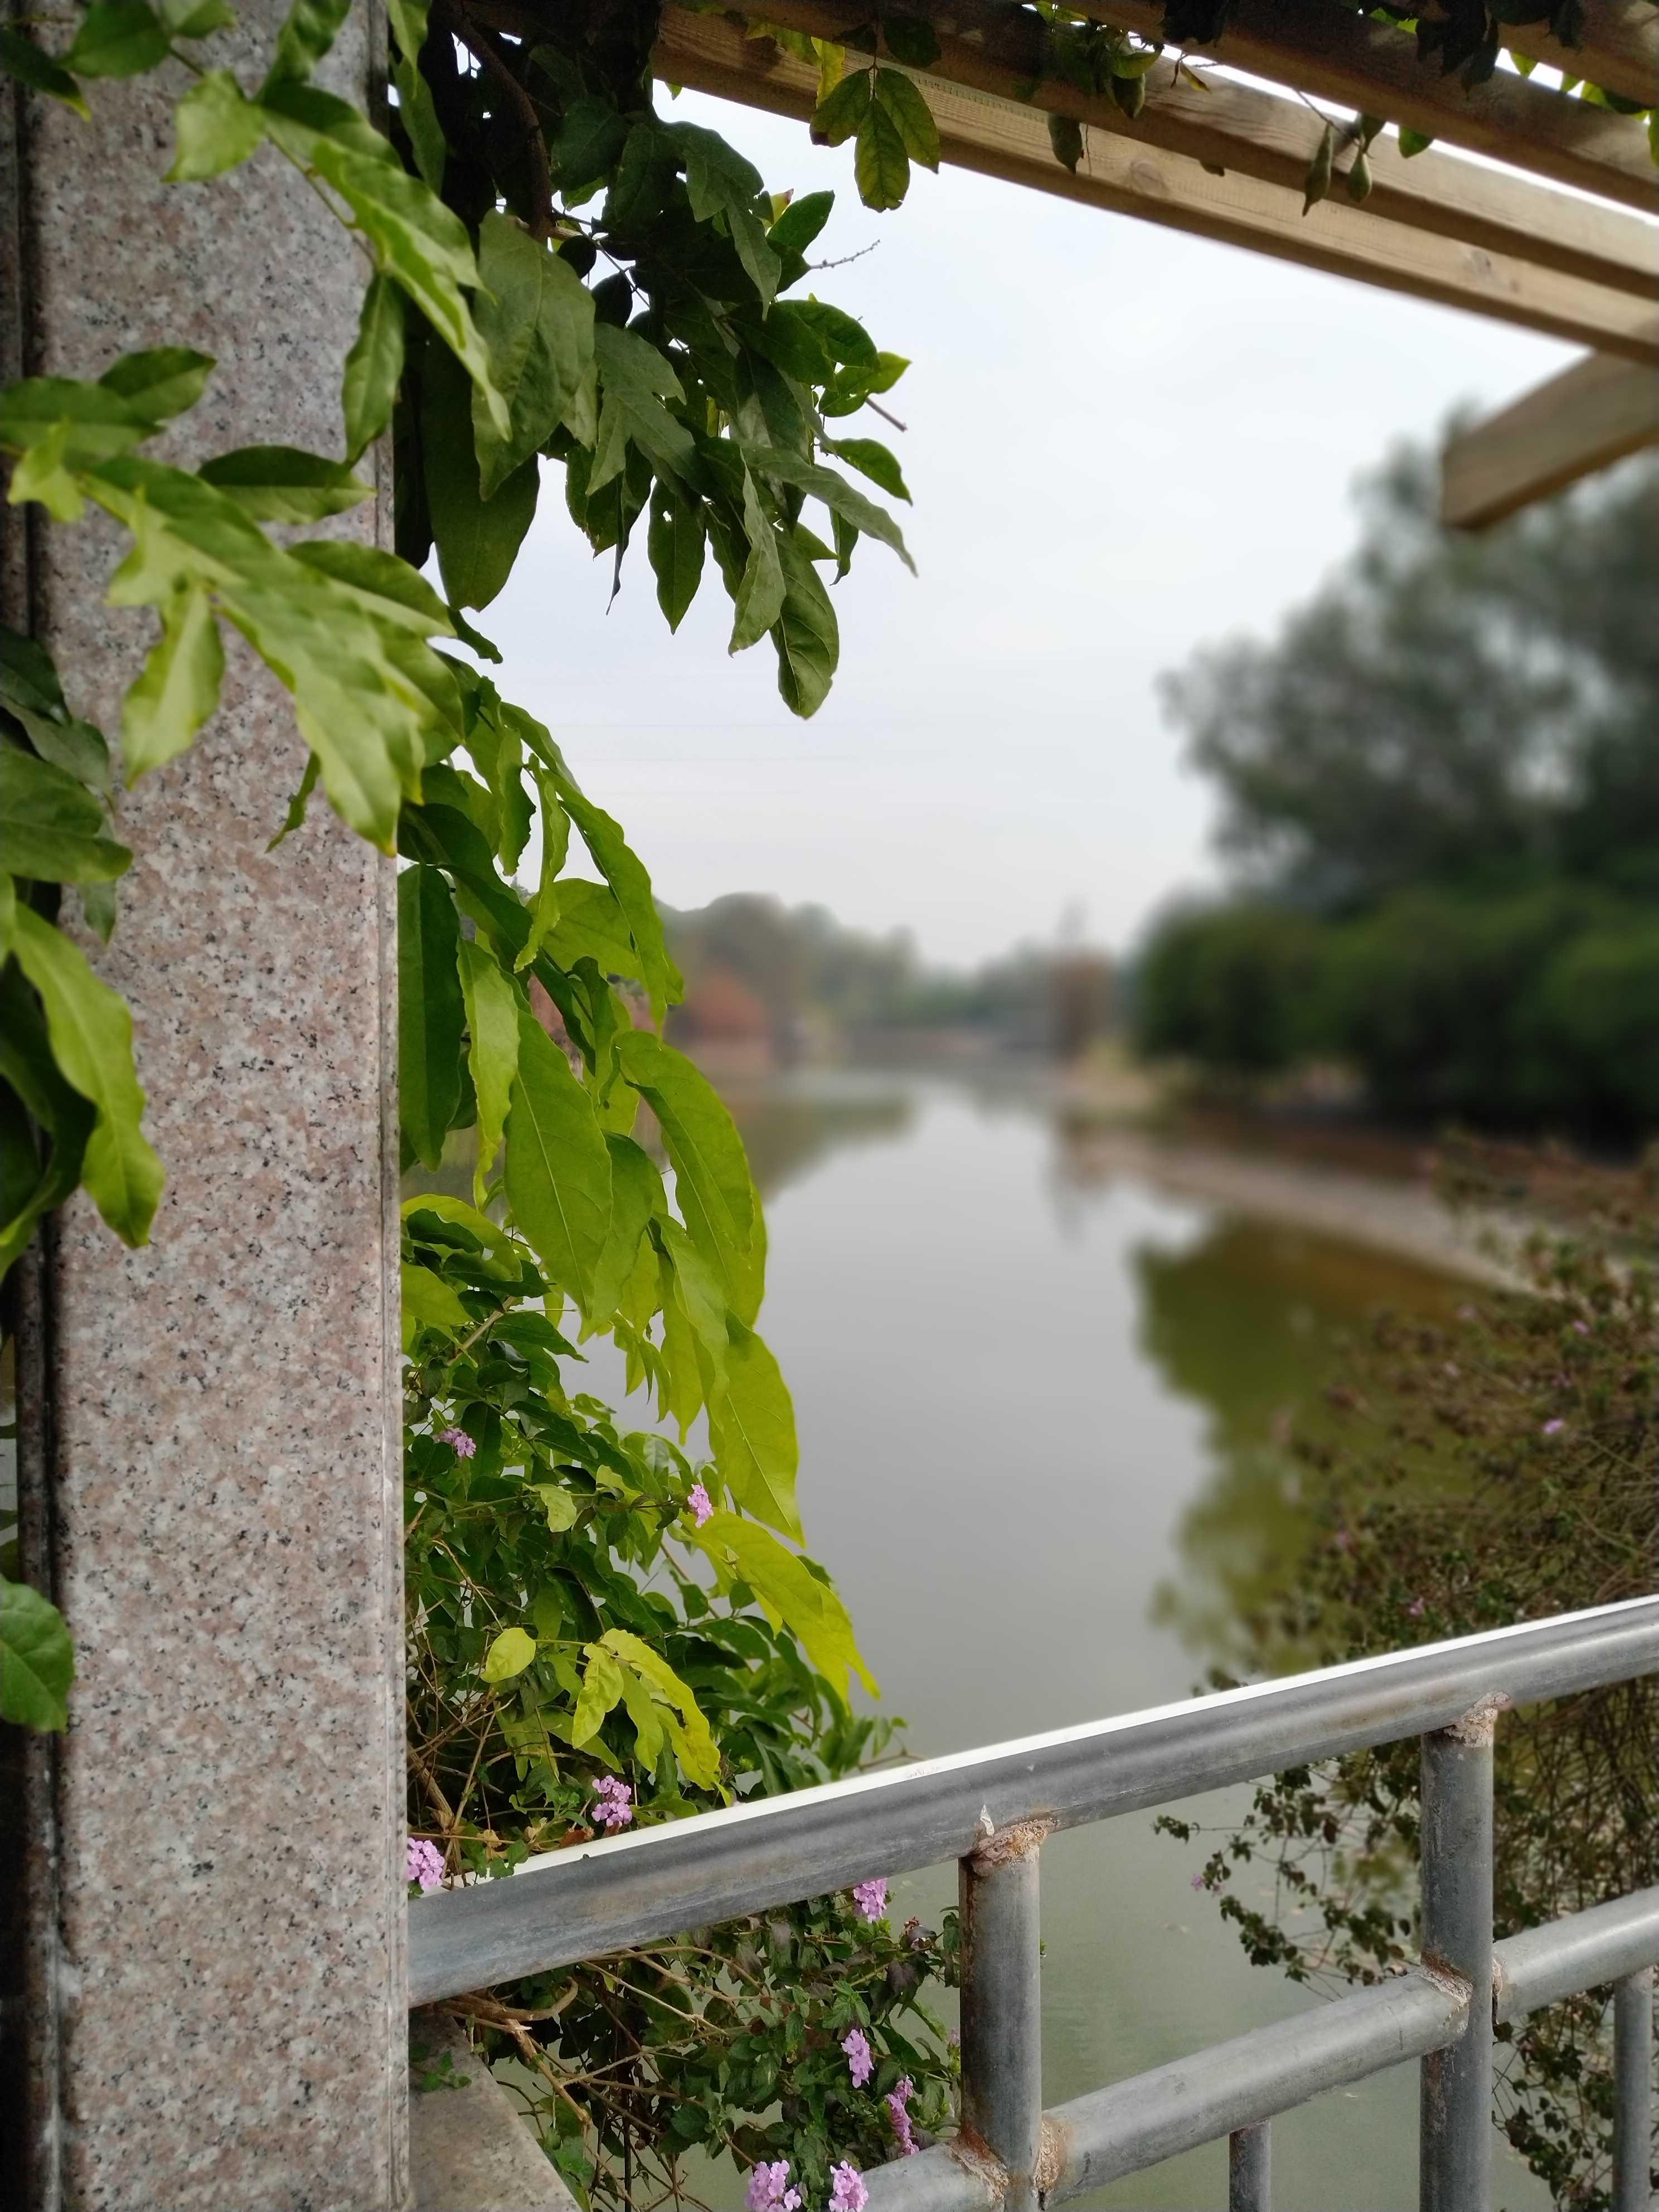 植物园闲庭信步,各种珍稀植物,感叹自然变化无穷